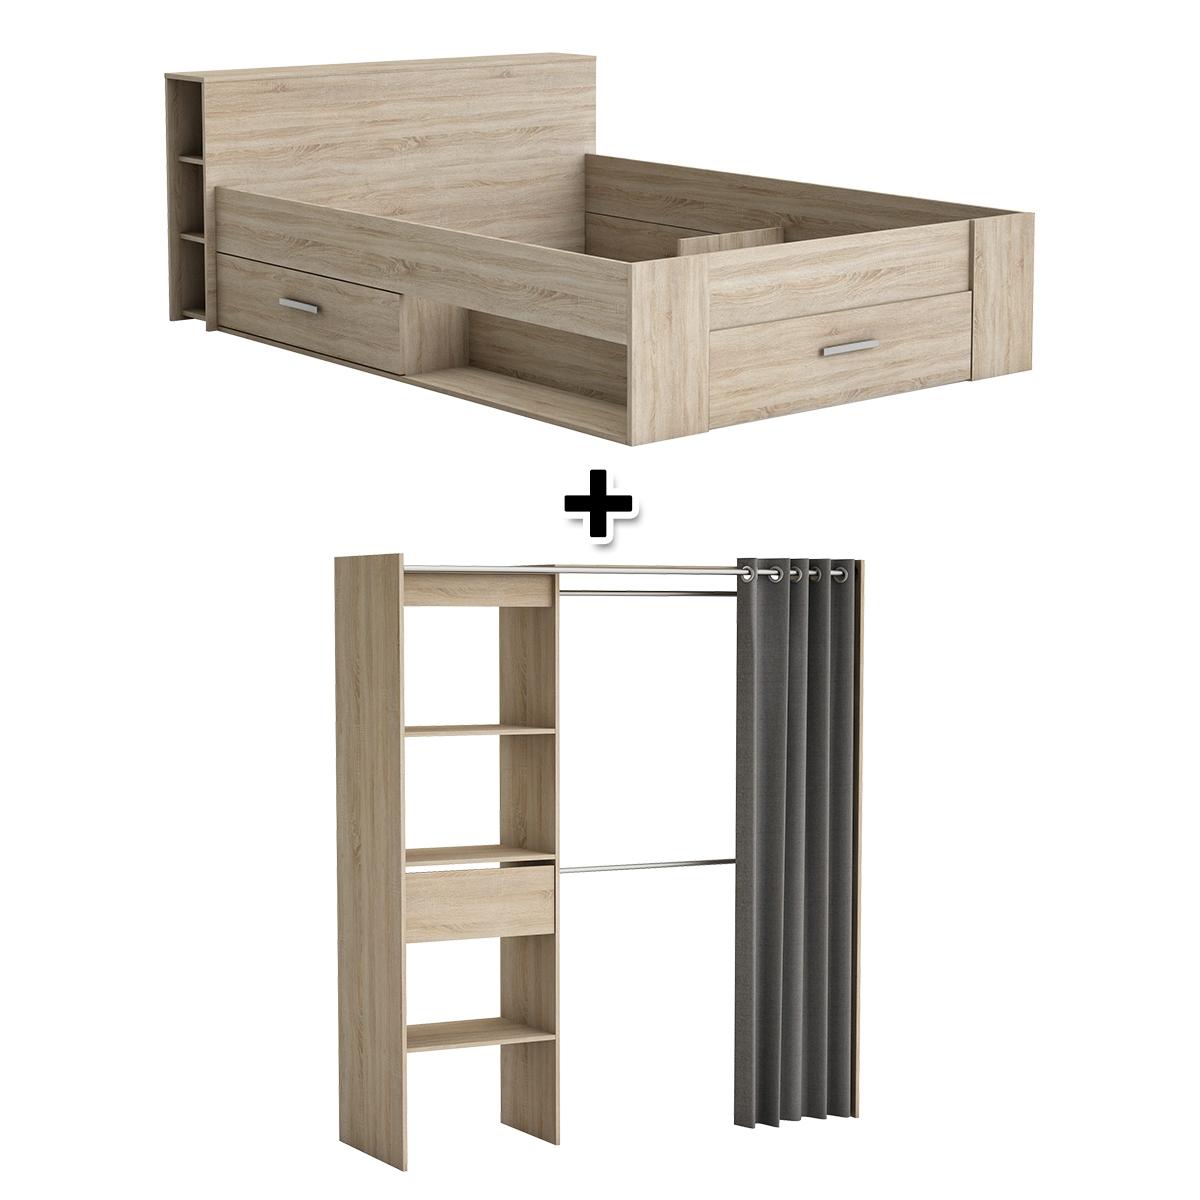 - Lit 140X190 cm SMART chêne + armoire dressing MOKA chêne brossé